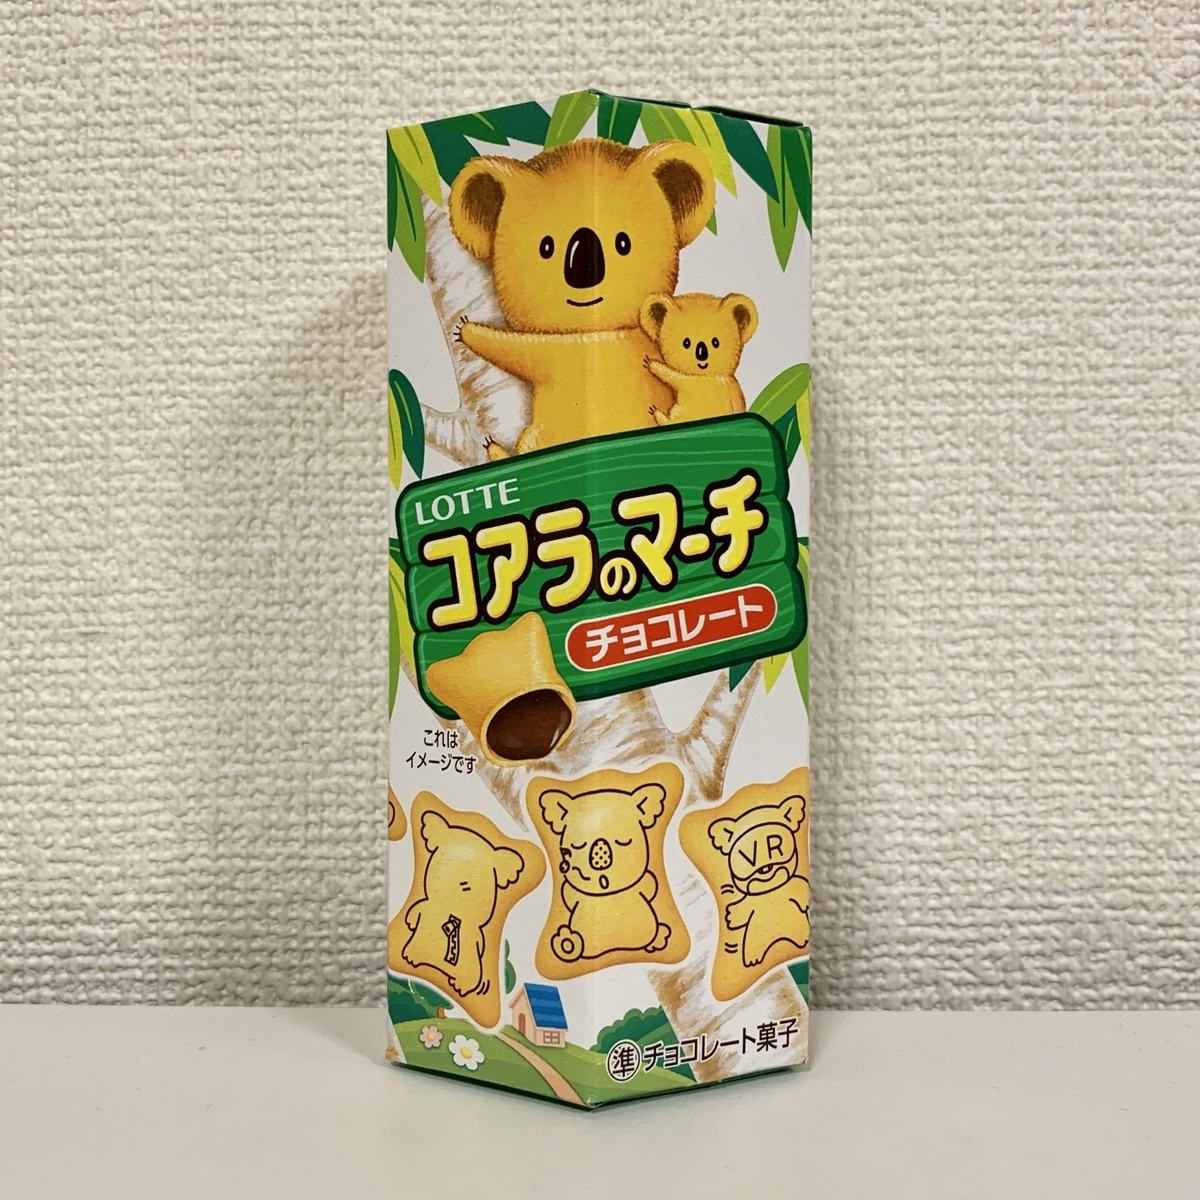 f:id:pikachu_pcn:20201125194955j:plain